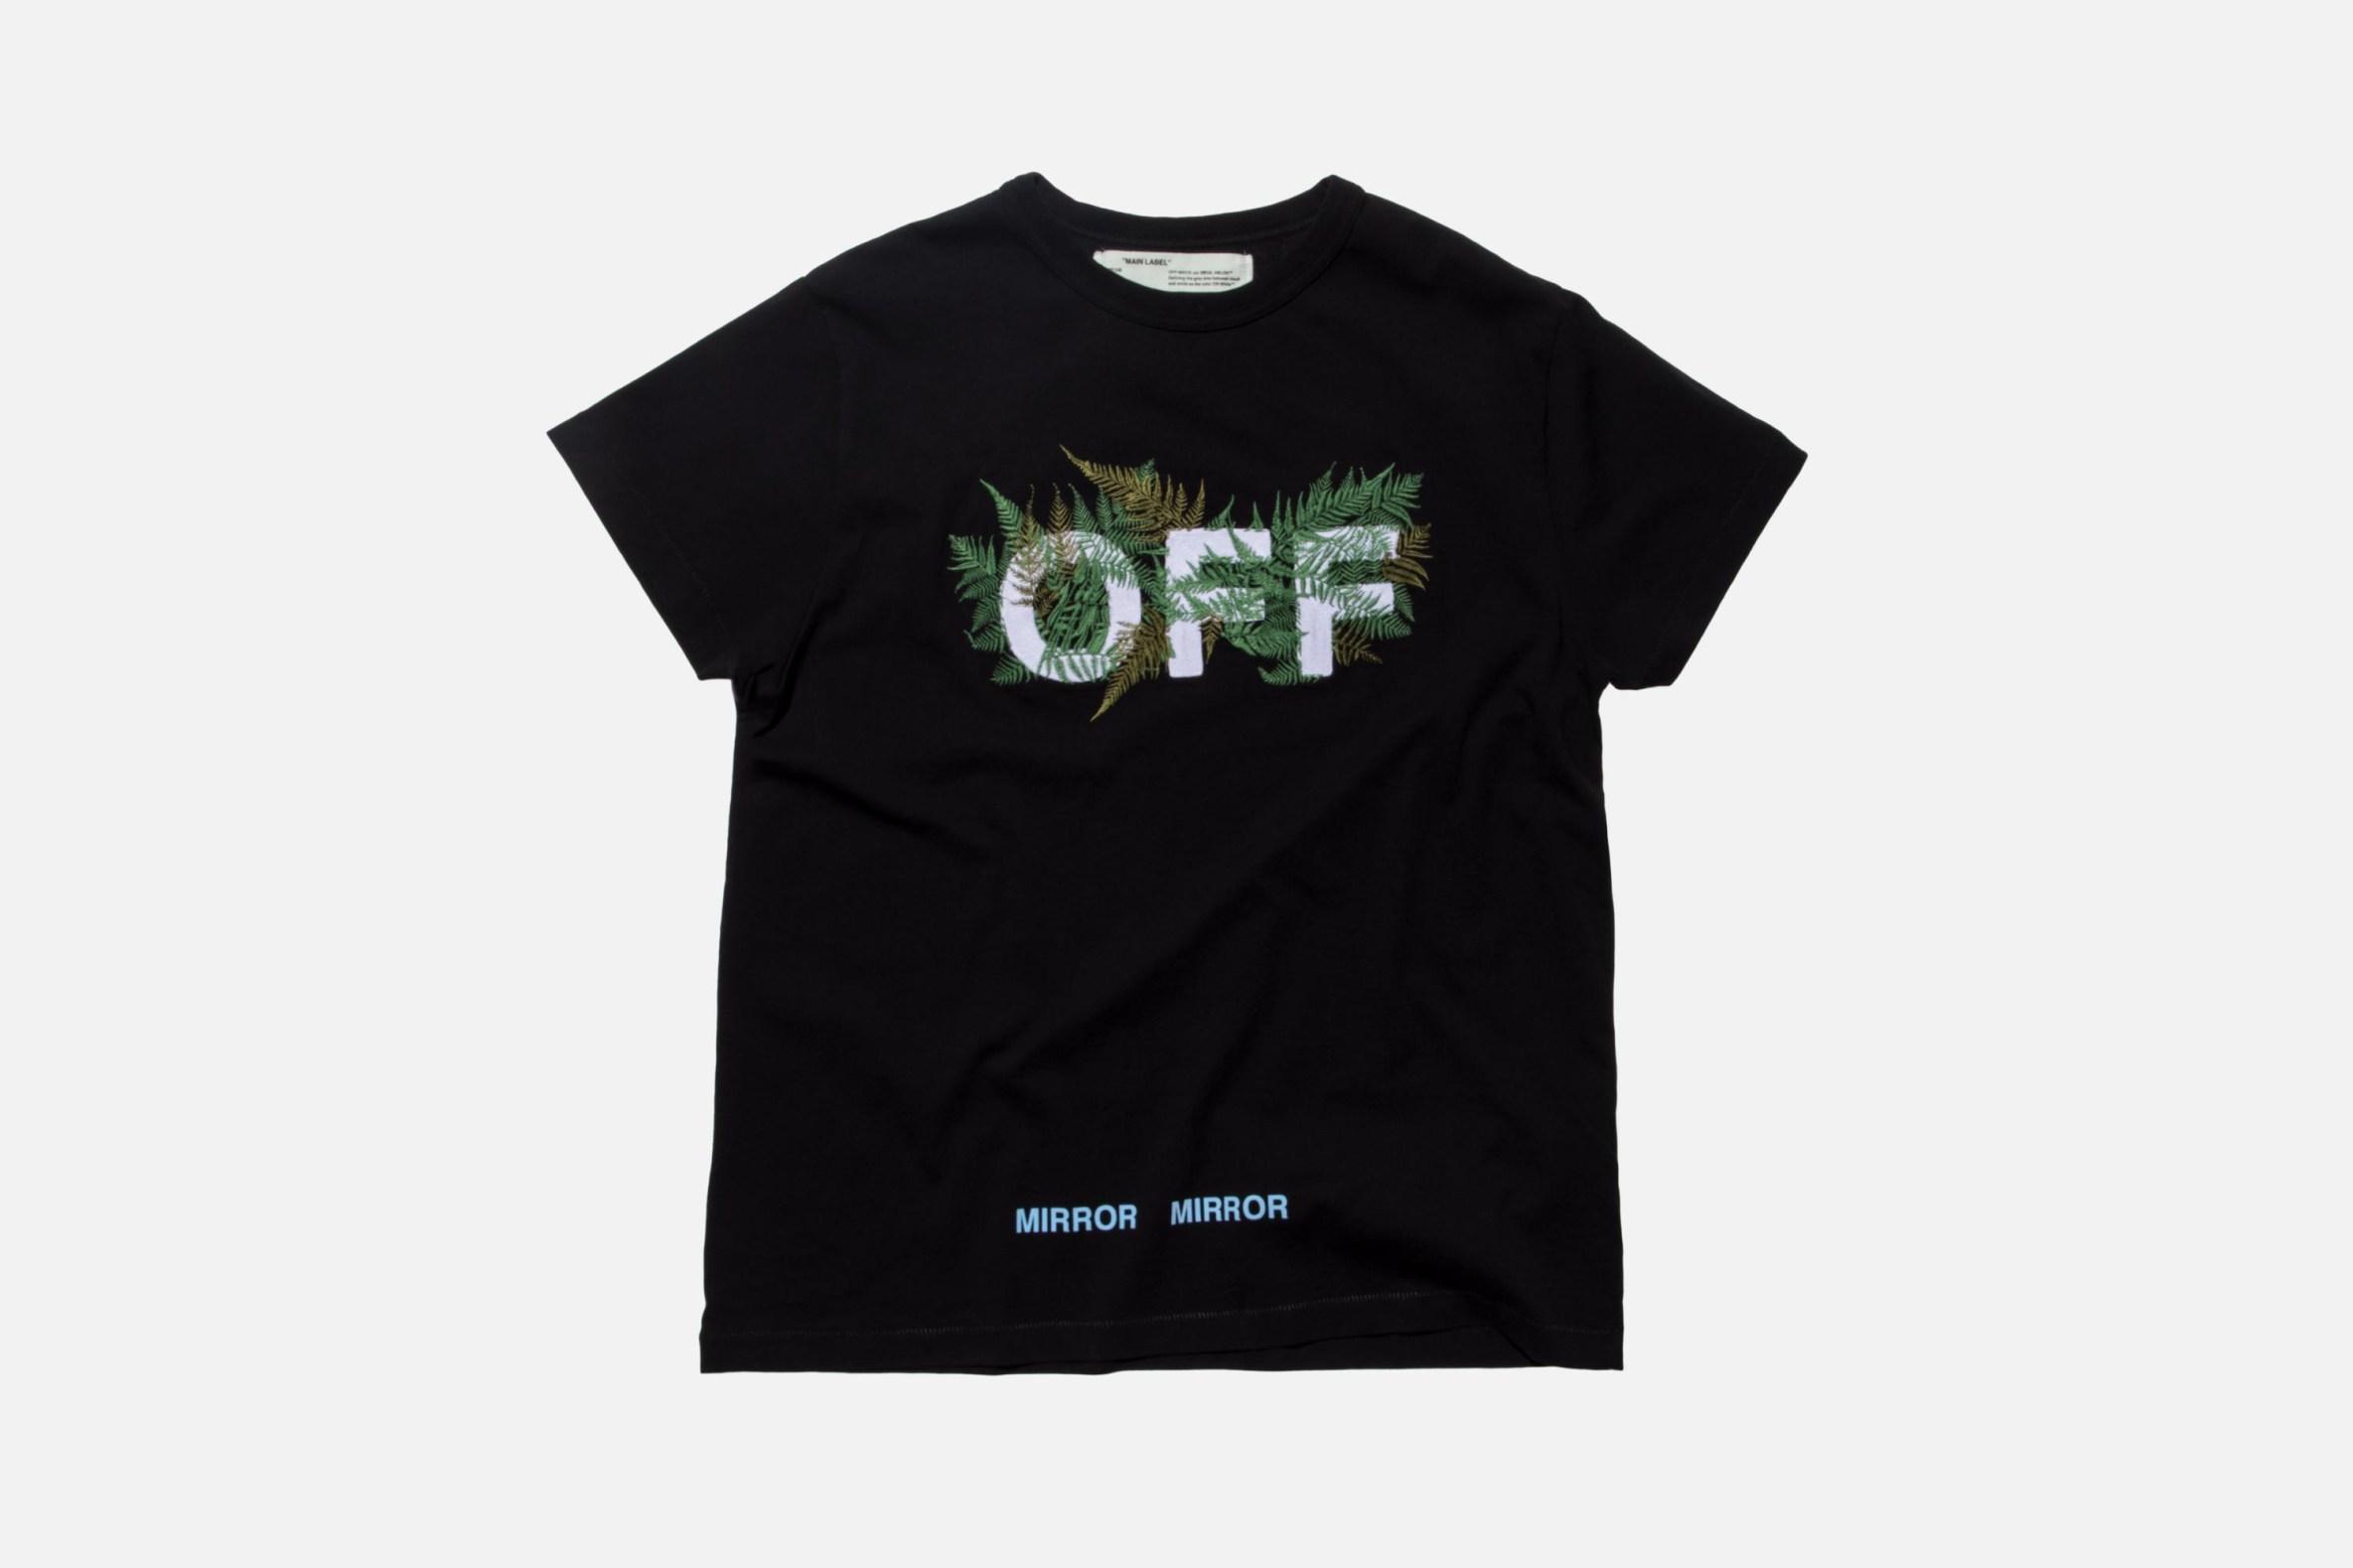 OFF-WHITE sort une nouvelle ligne de t-shirts